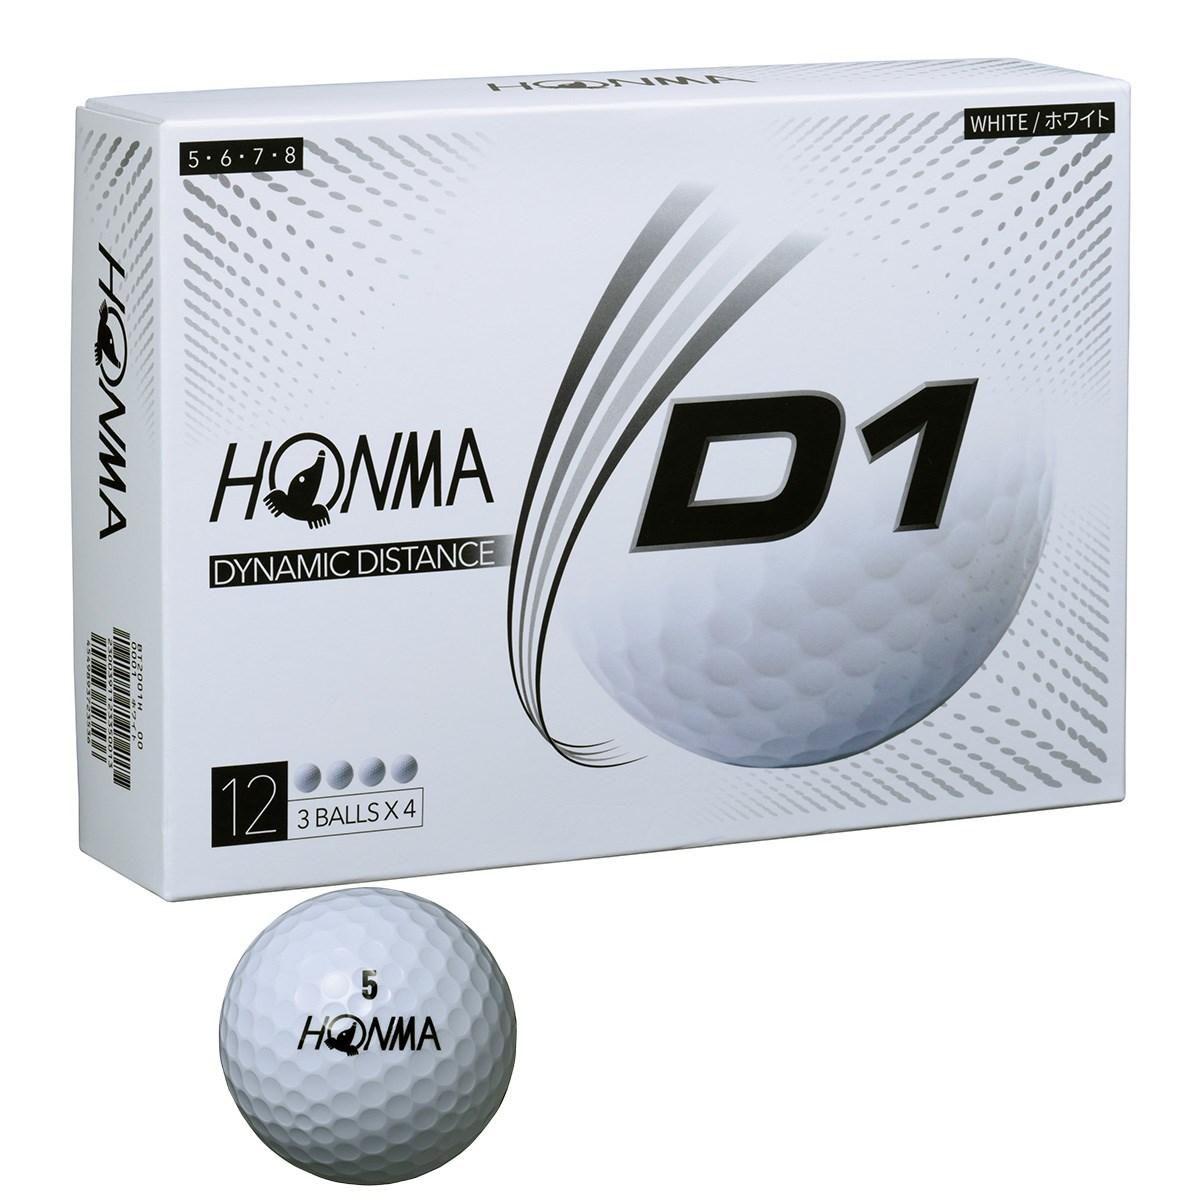 本間ゴルフ HONMA D1 ボール 2020年モデル 1ダース(12個入り) ホワイト(ハイナンバー)